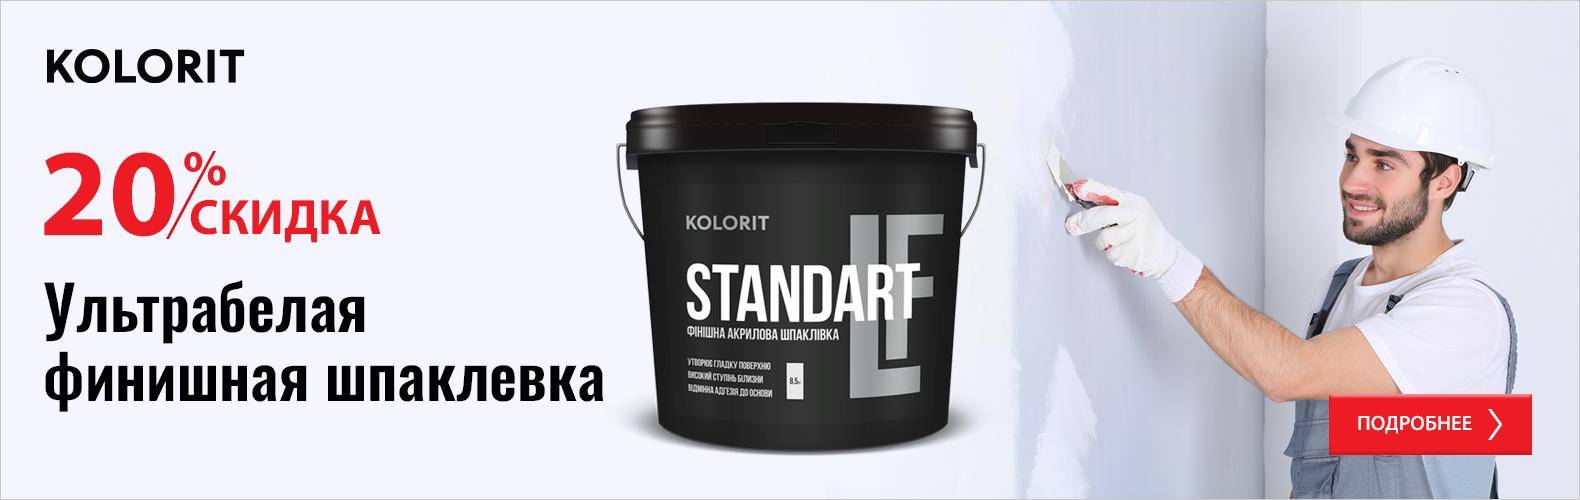 Kolorit_Standart_LF_Aktsiia